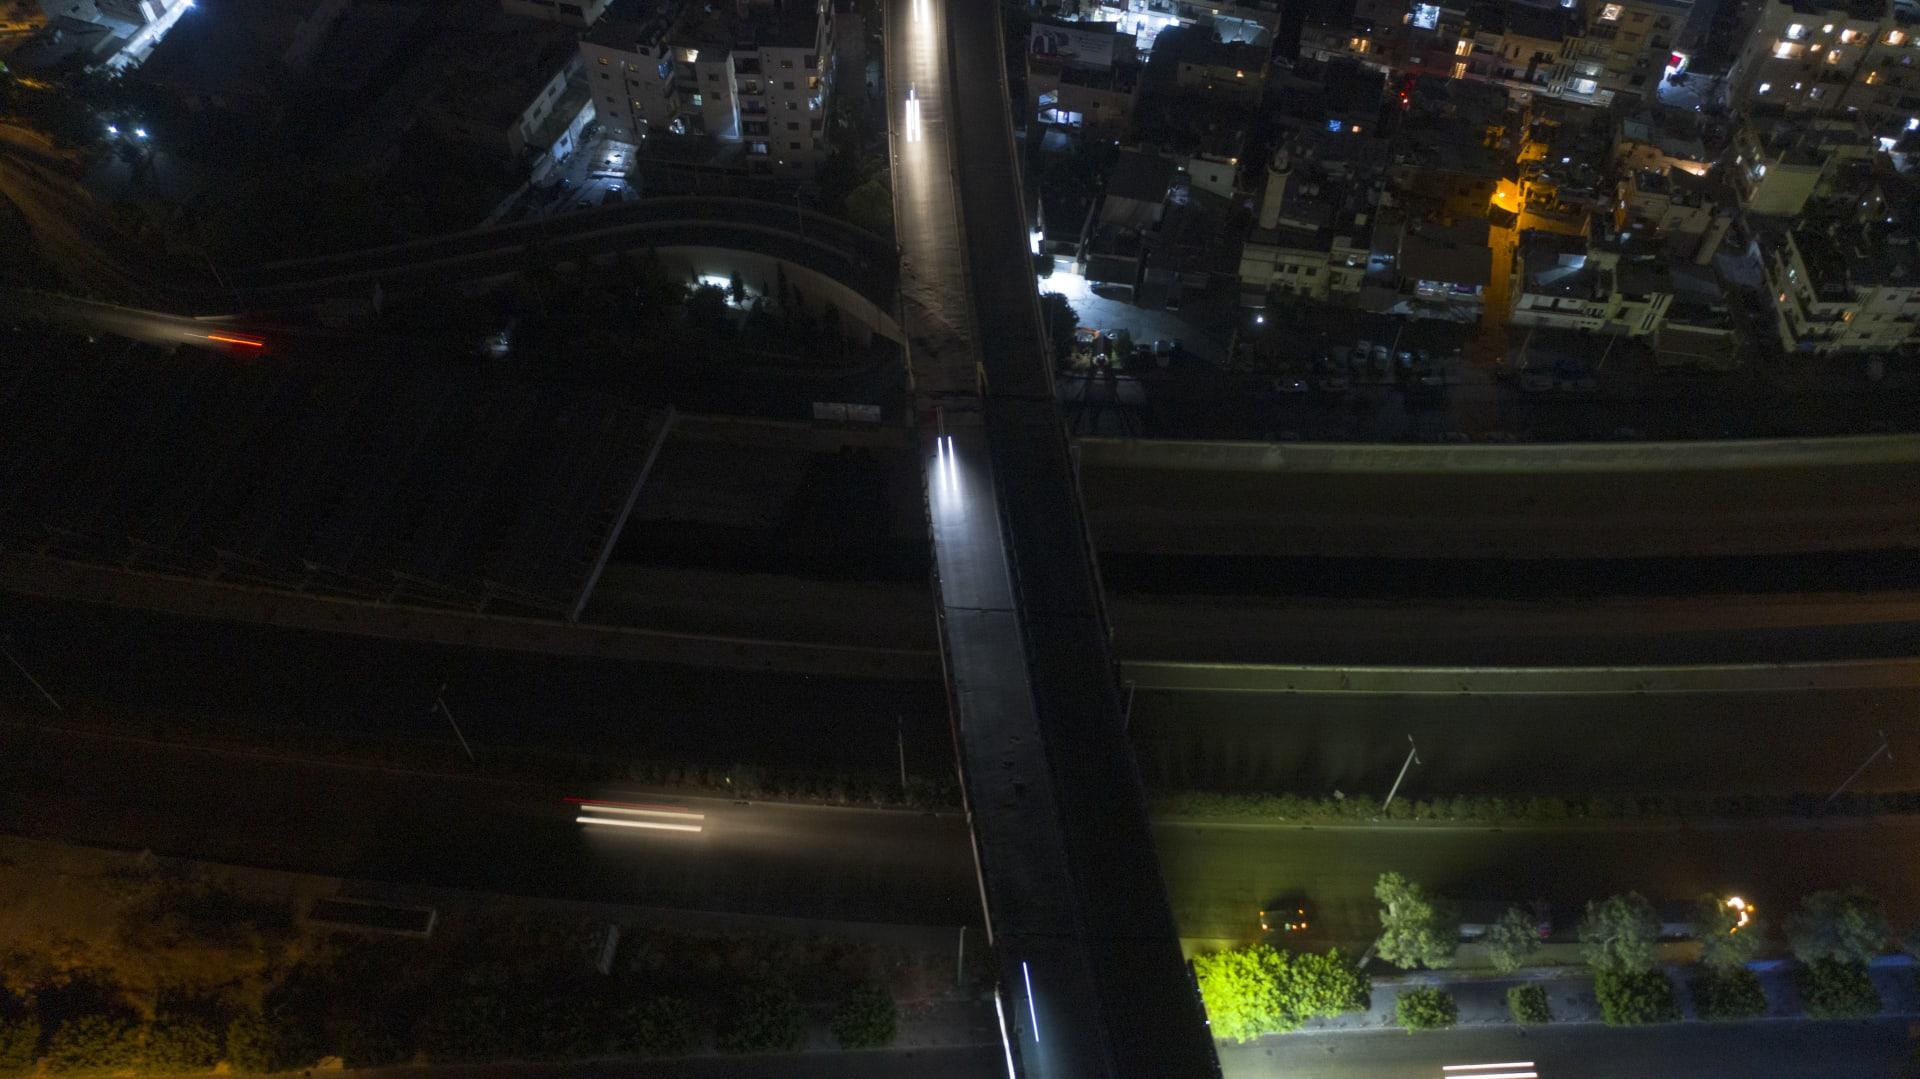 أرشيفية - غرق طريق سريع في الظلام خلال انقطاع التيار الكهربائي في 2أغسطس/  آب 2021 في بيروت، لبنان.